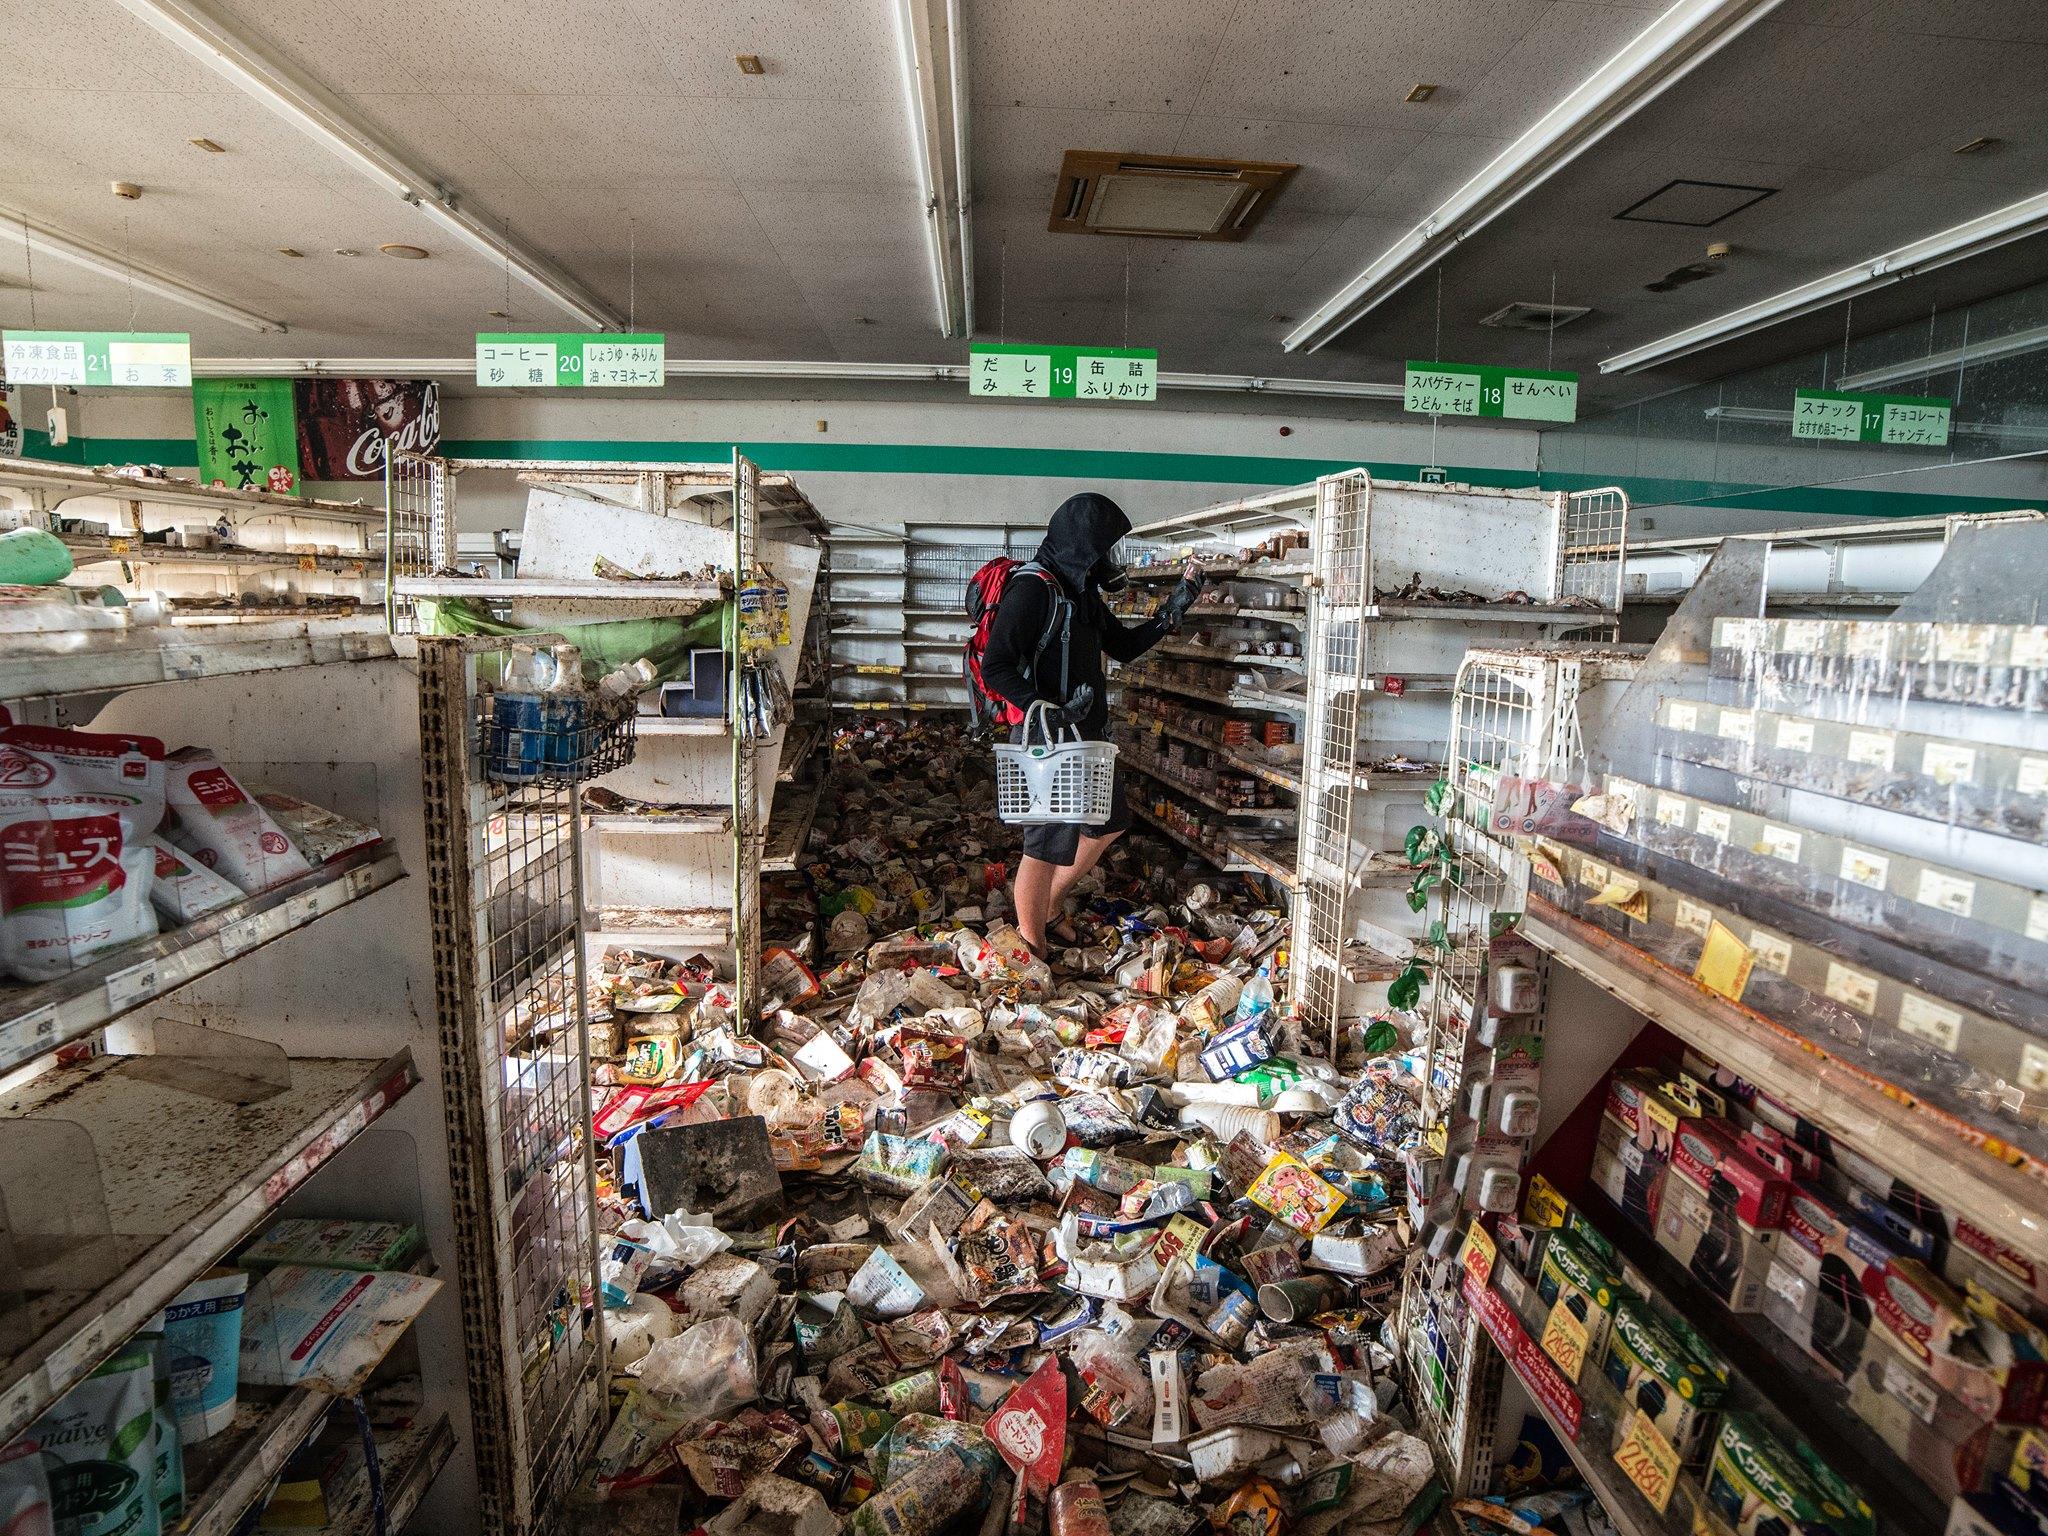 como es fukushima 5 años después del desastre 1